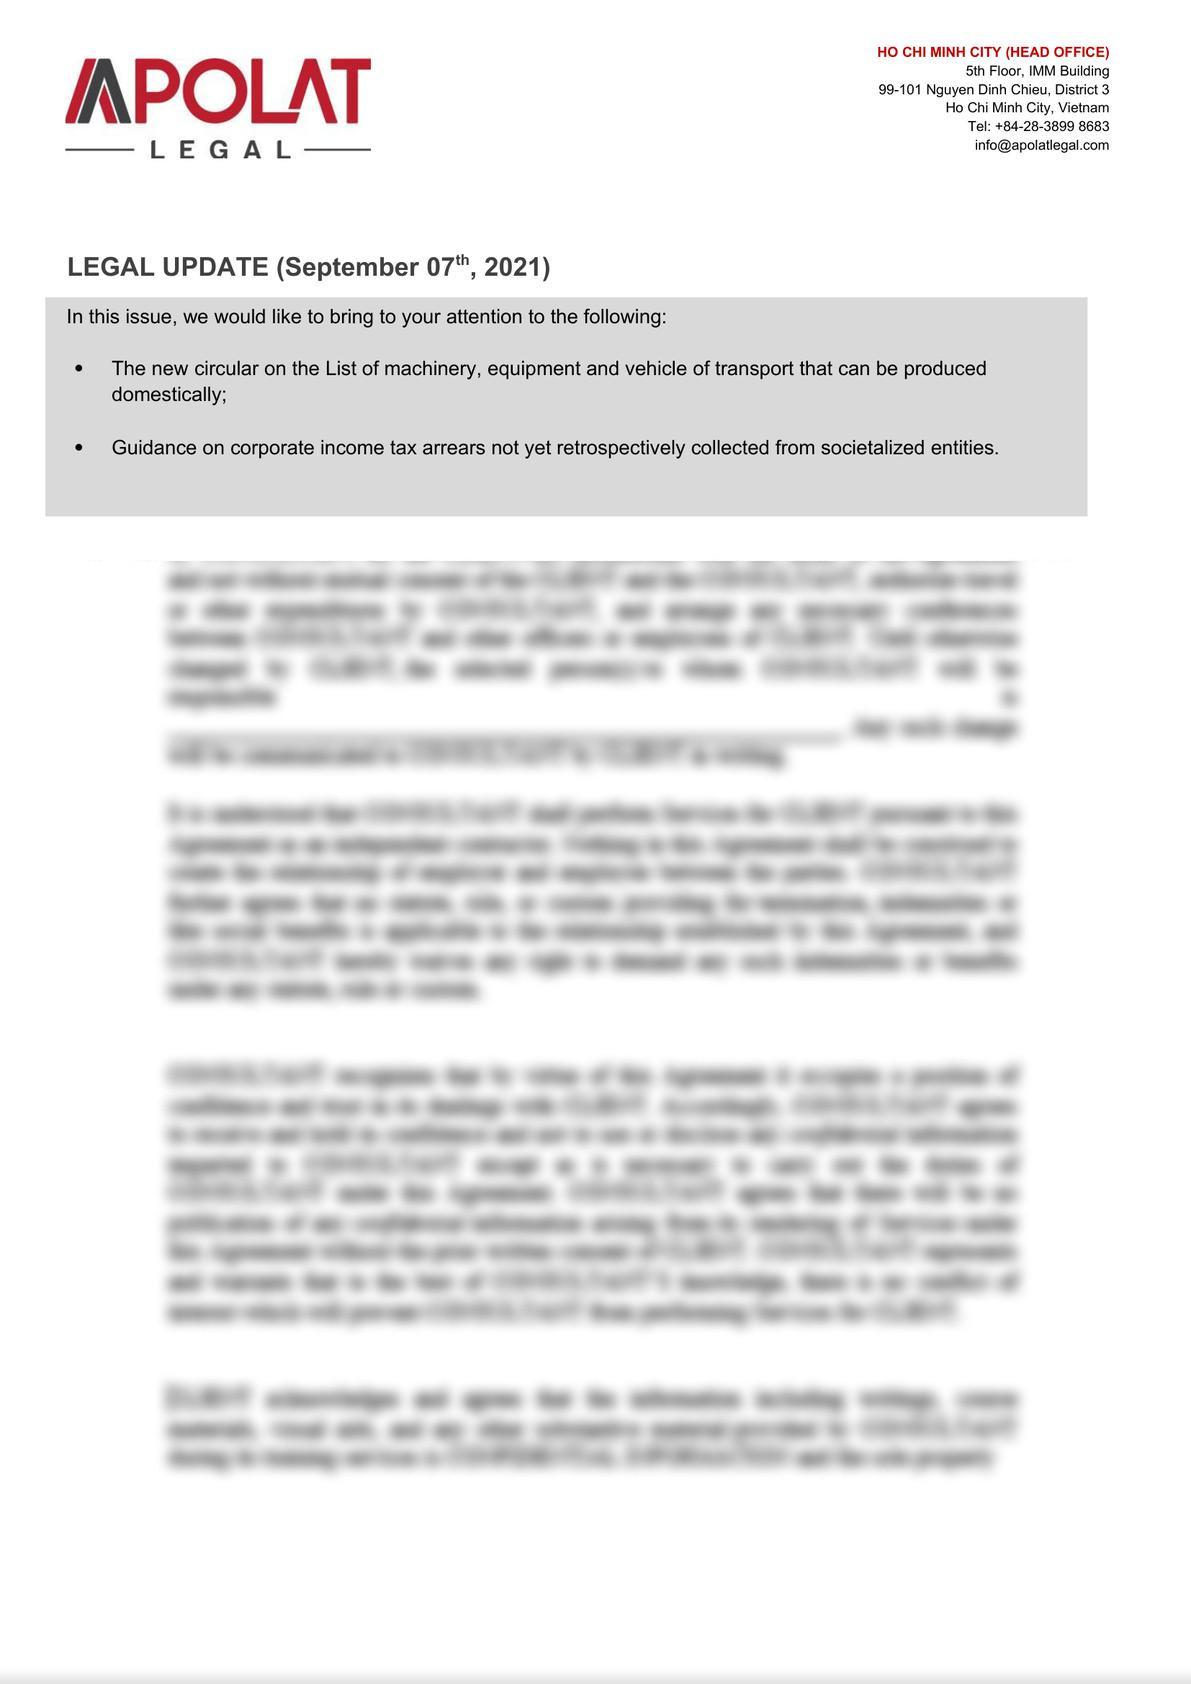 #1 Legal Update in September 2021-0